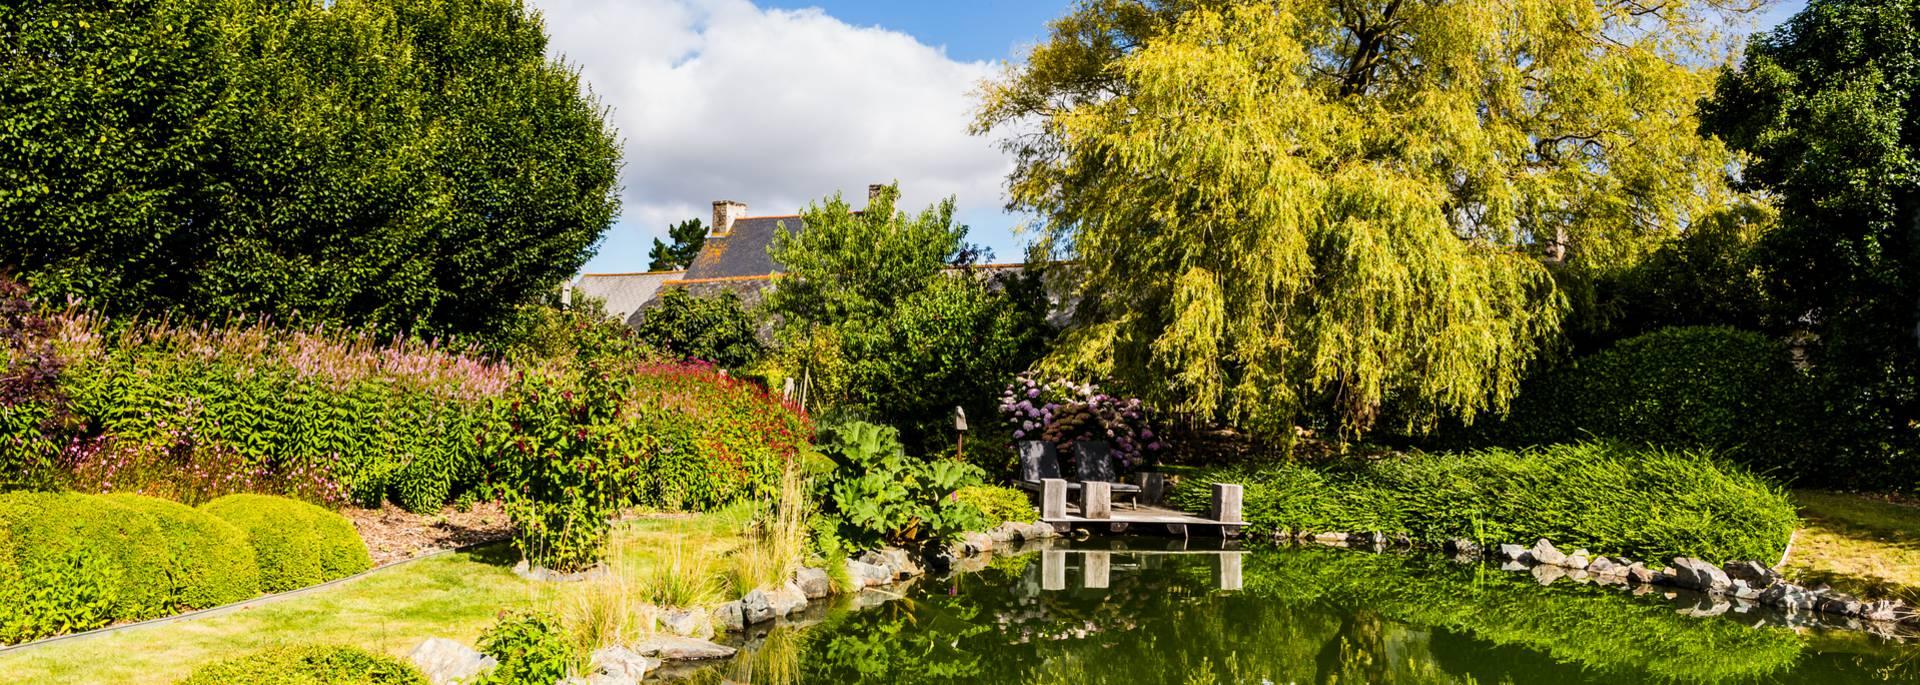 Jardins de Kerfouler ©L'Oeil de Paco